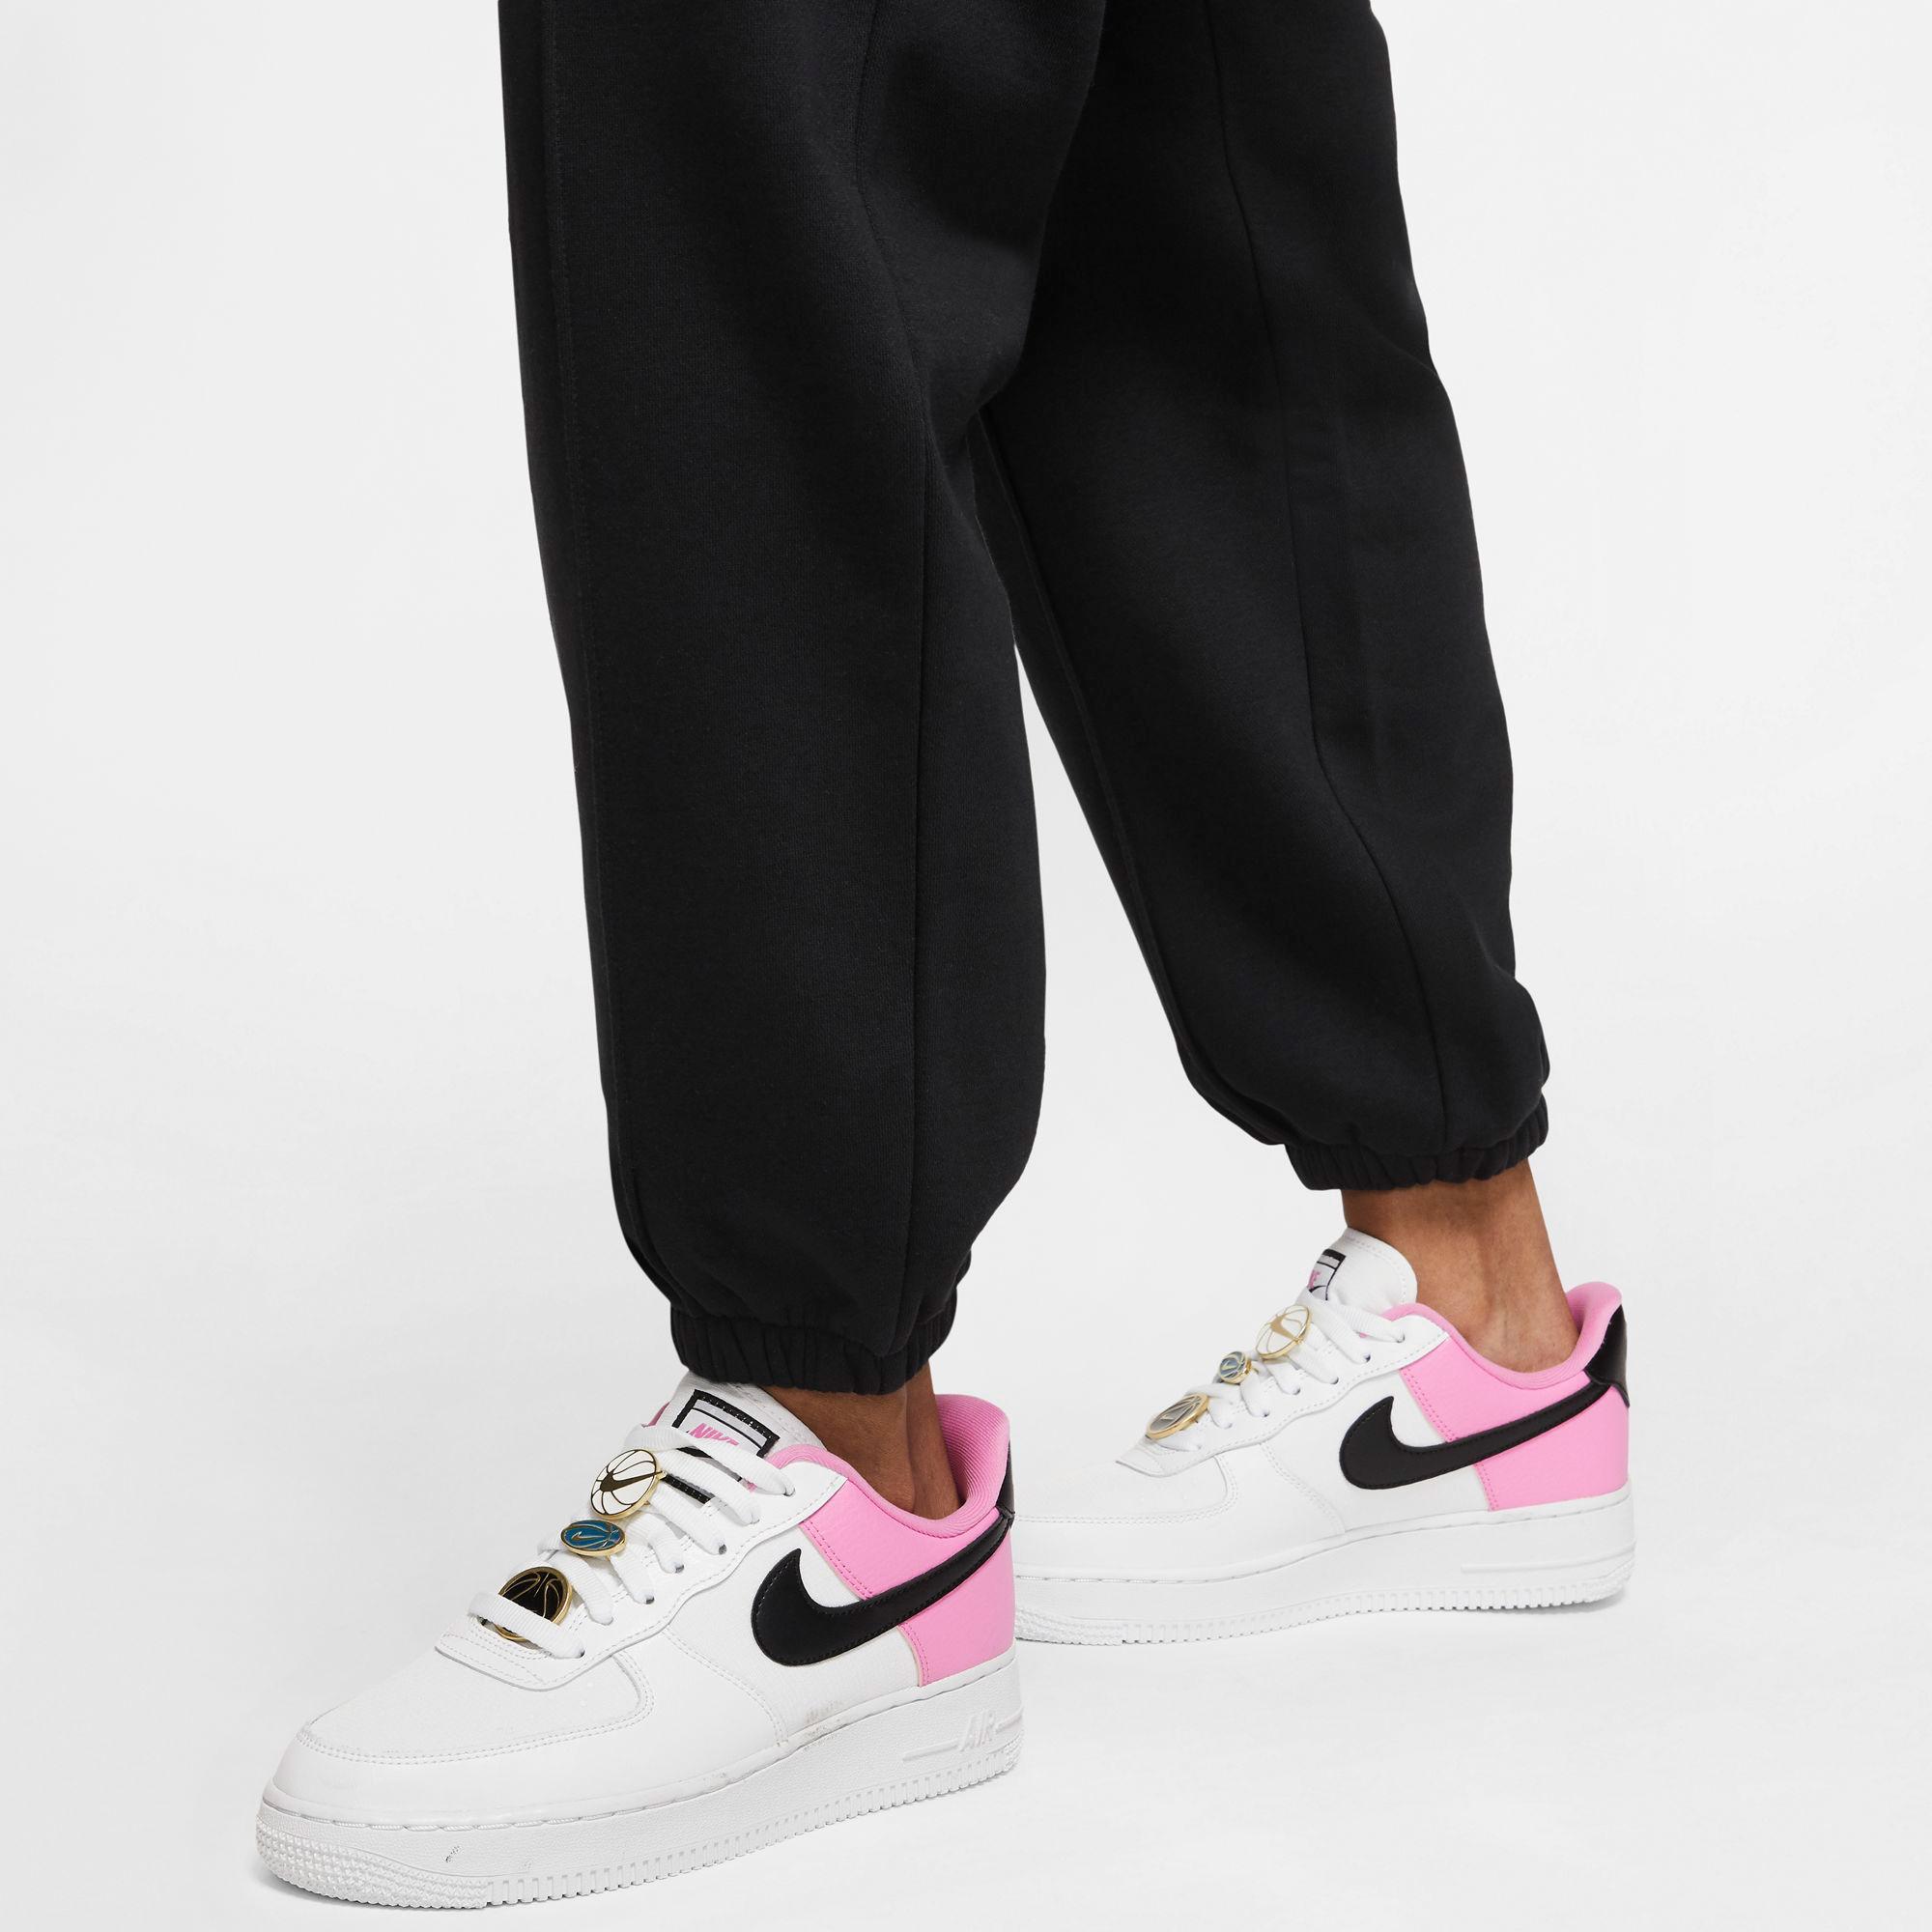 Nike Sportswear Essential Collection Kadın Siyah Eşofman Altı